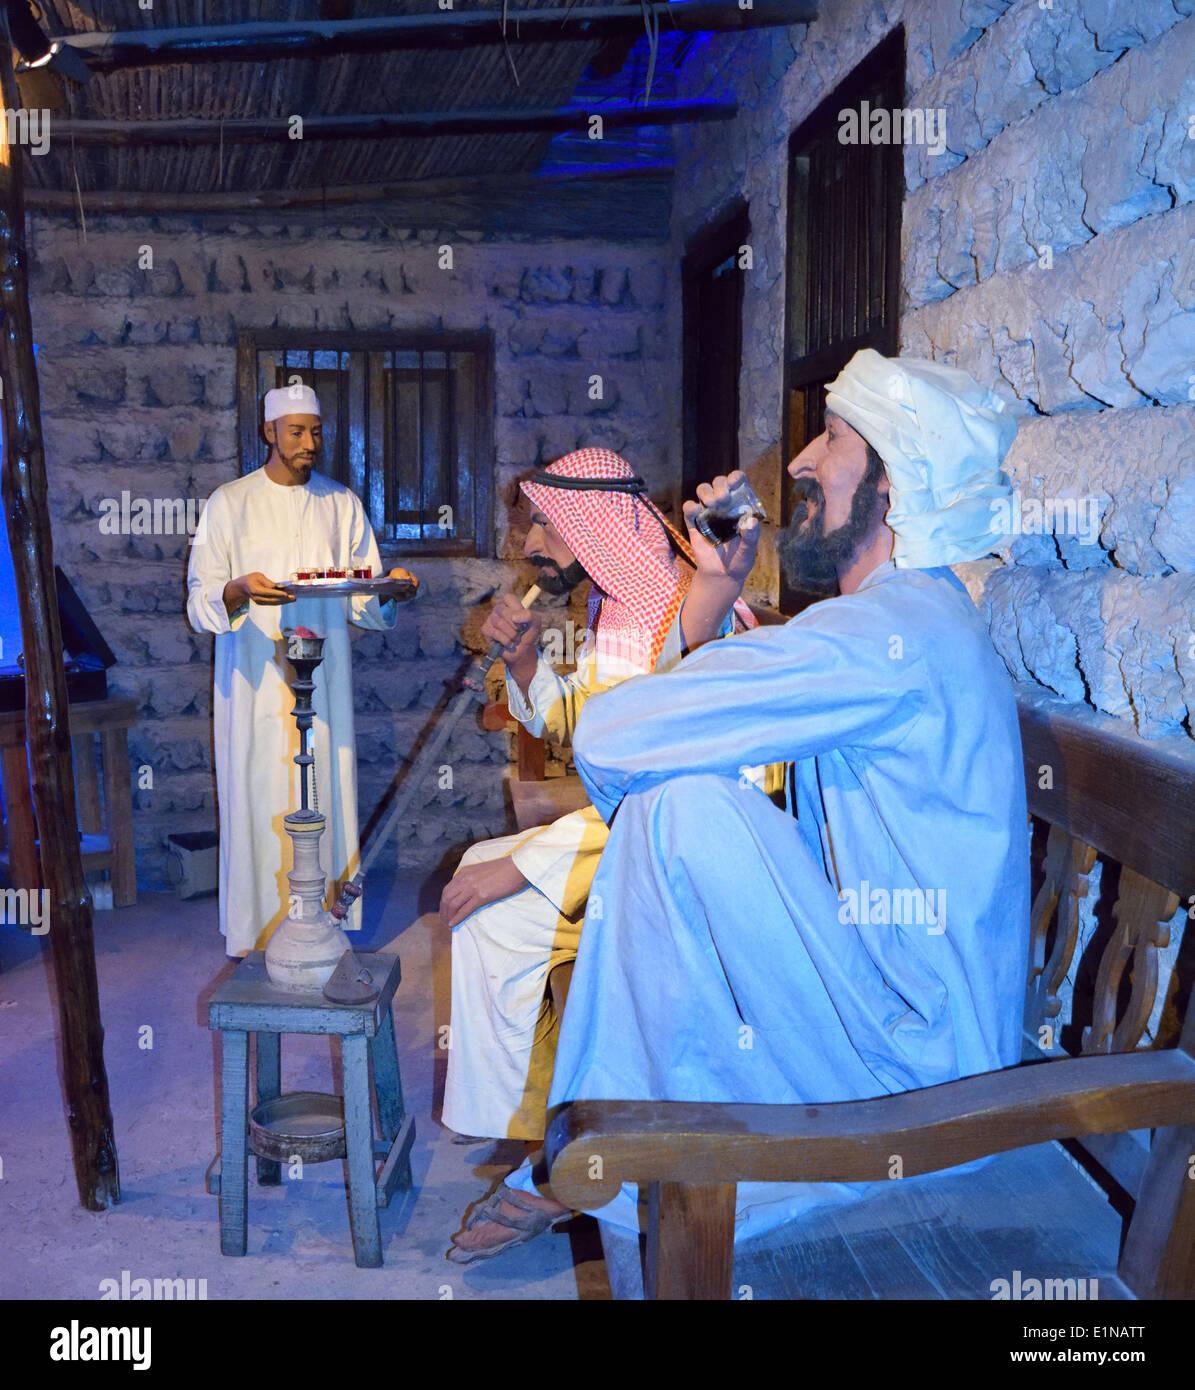 Best Places In Dubai For Shisha: Shisha Stockfotos & Shisha Bilder